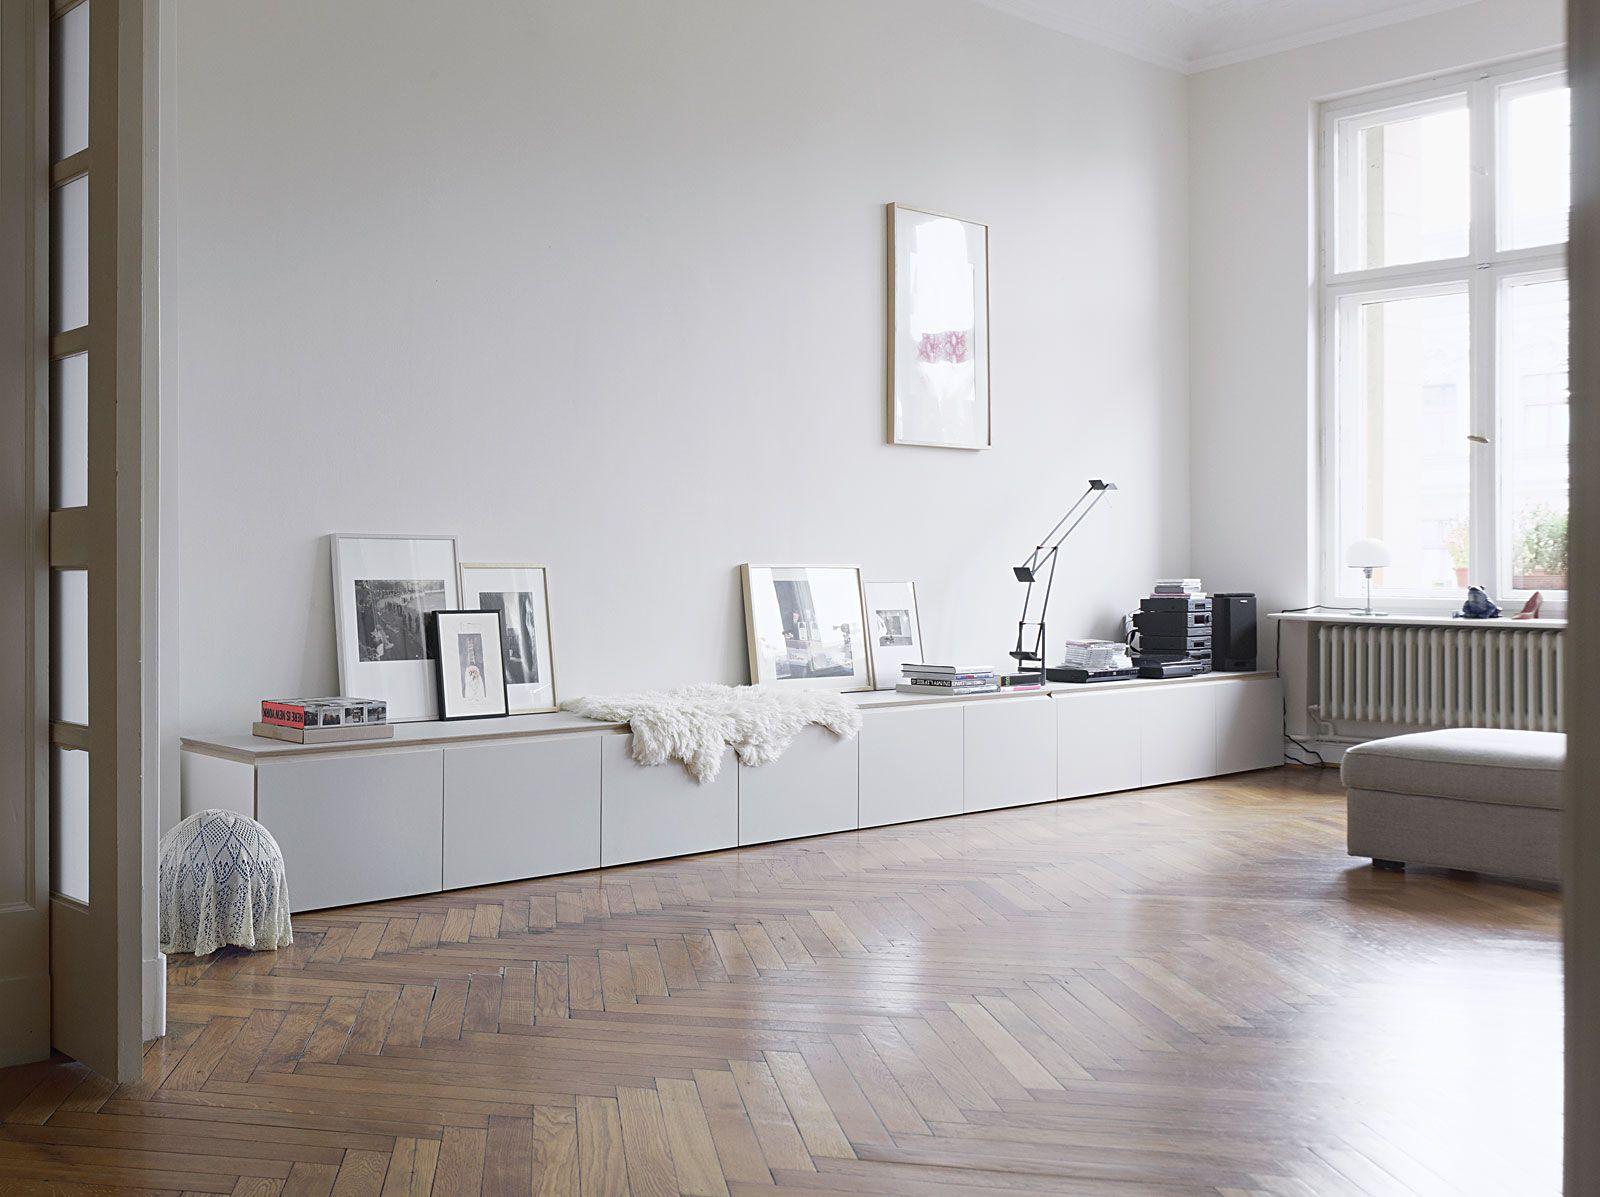 IKEA Besta kasten | リビング |...